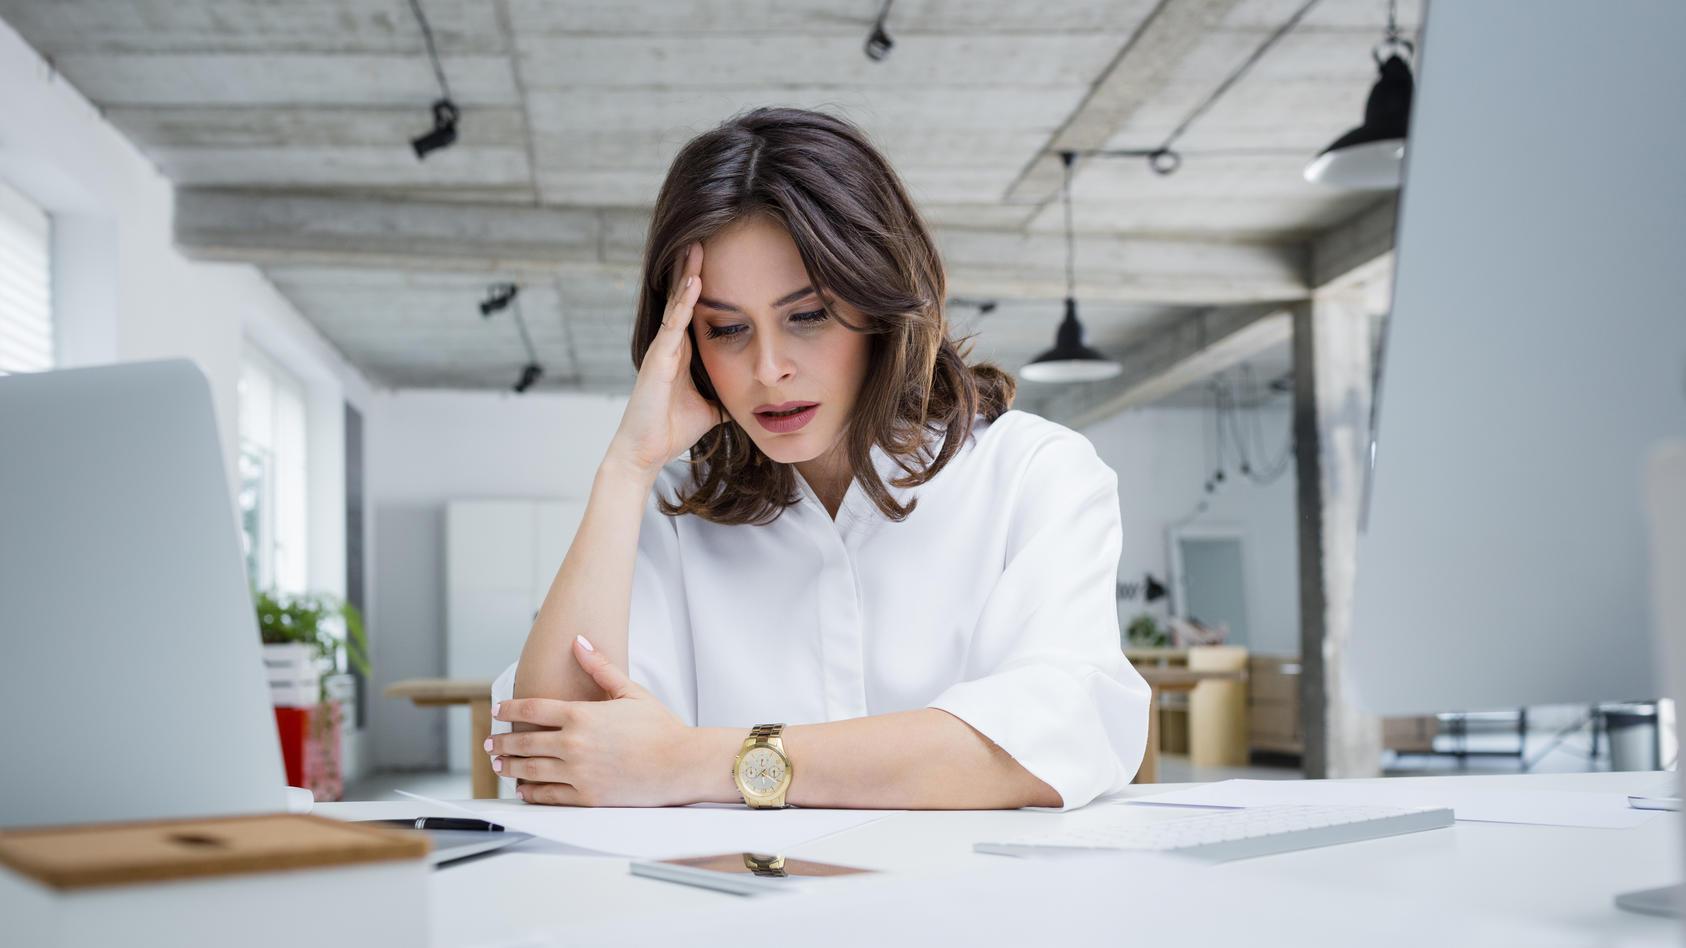 Einen allgemeinen Anspruch auf Homeoffice gibt es nicht. Wenn der Arbeitgeber keine entsprechende Vereinbarung getroffen hat, müssen Angestellte weiterhin ins Büro kommen. (Symbolbild)